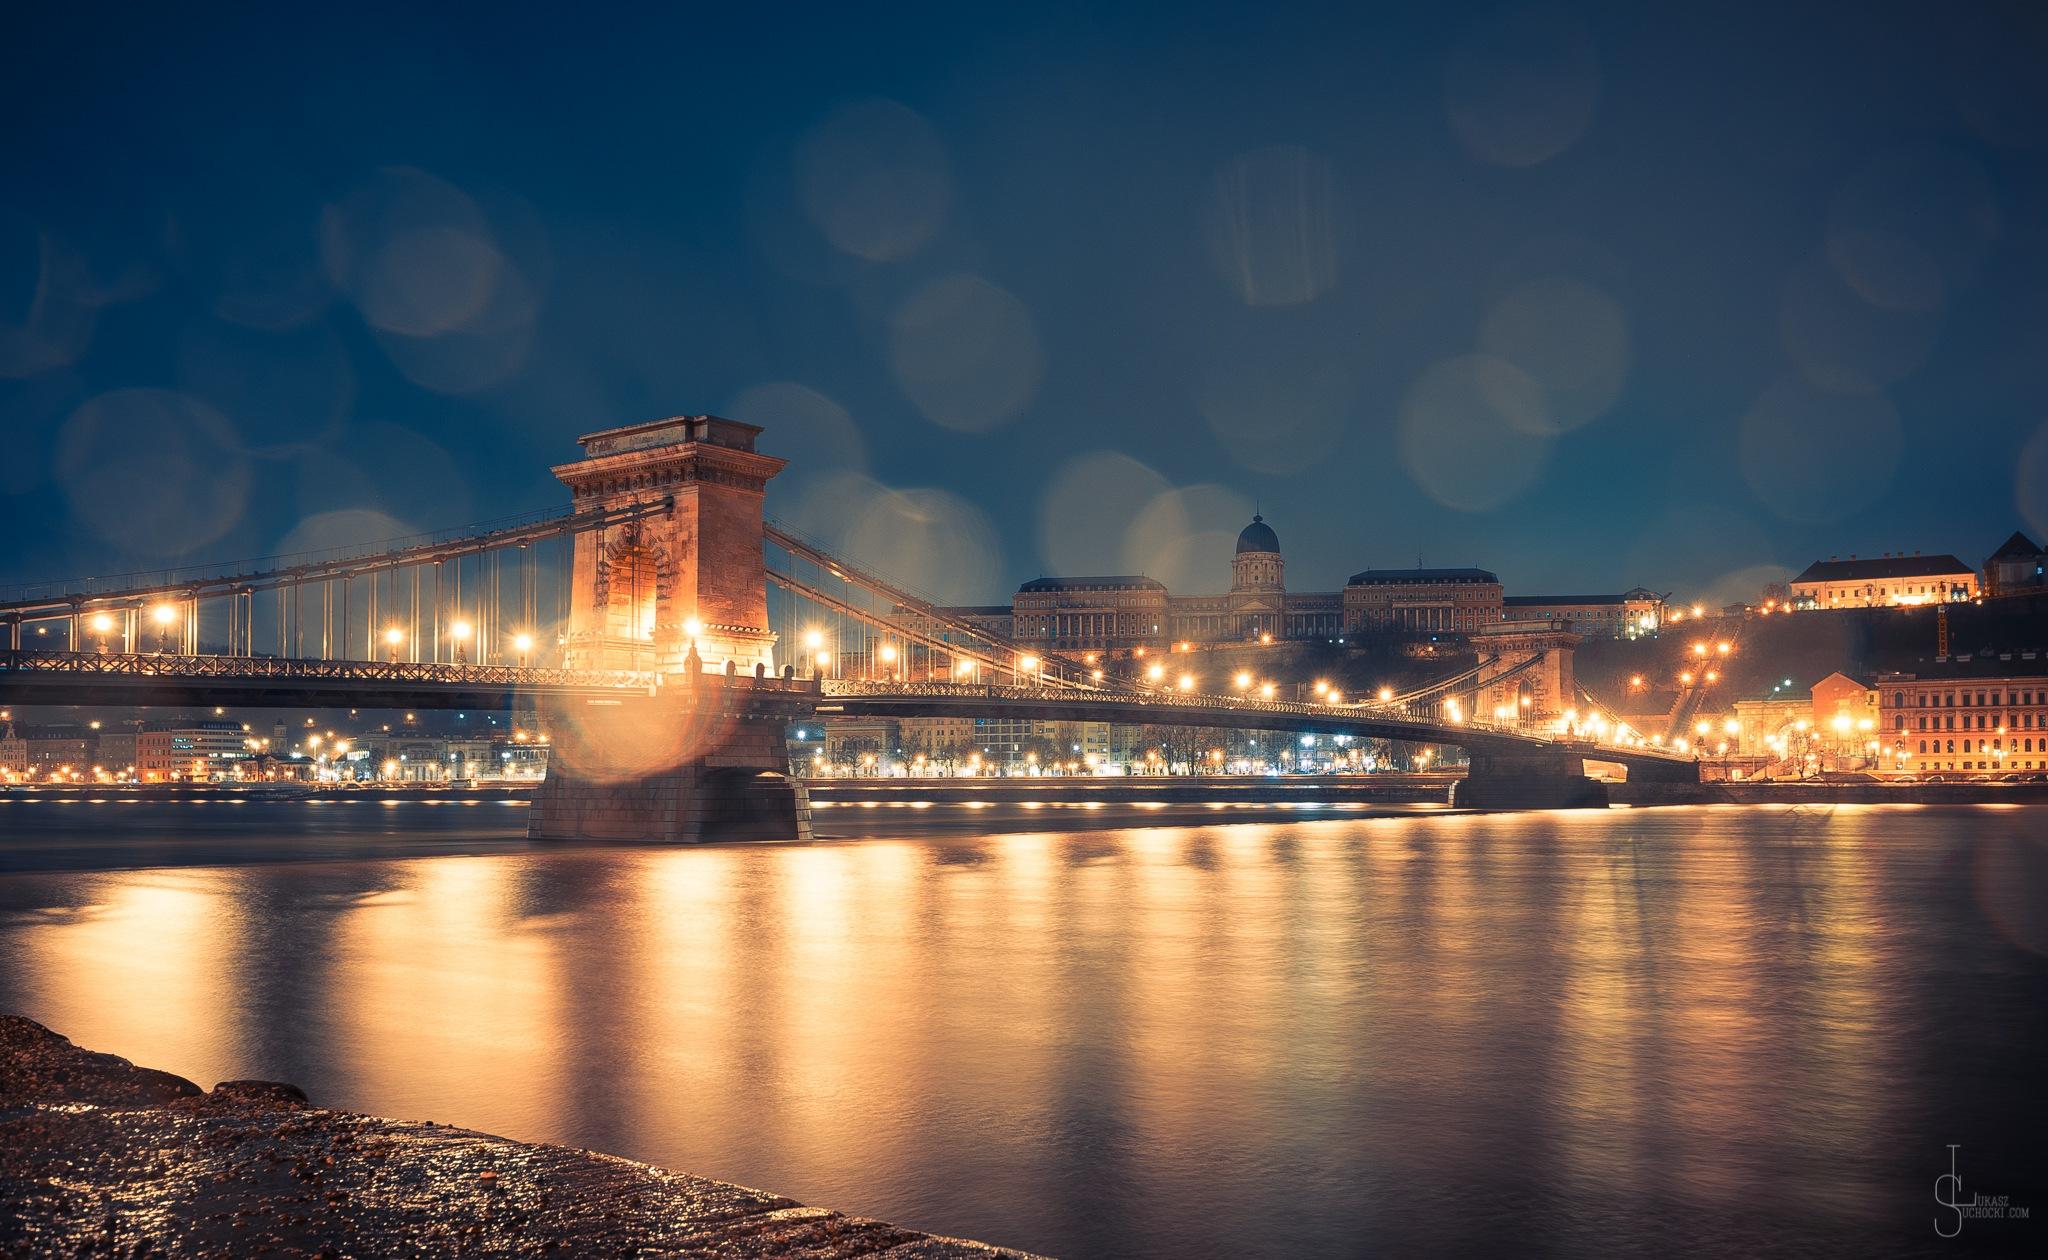 Rainy Budapest by Lukasz Suchocki